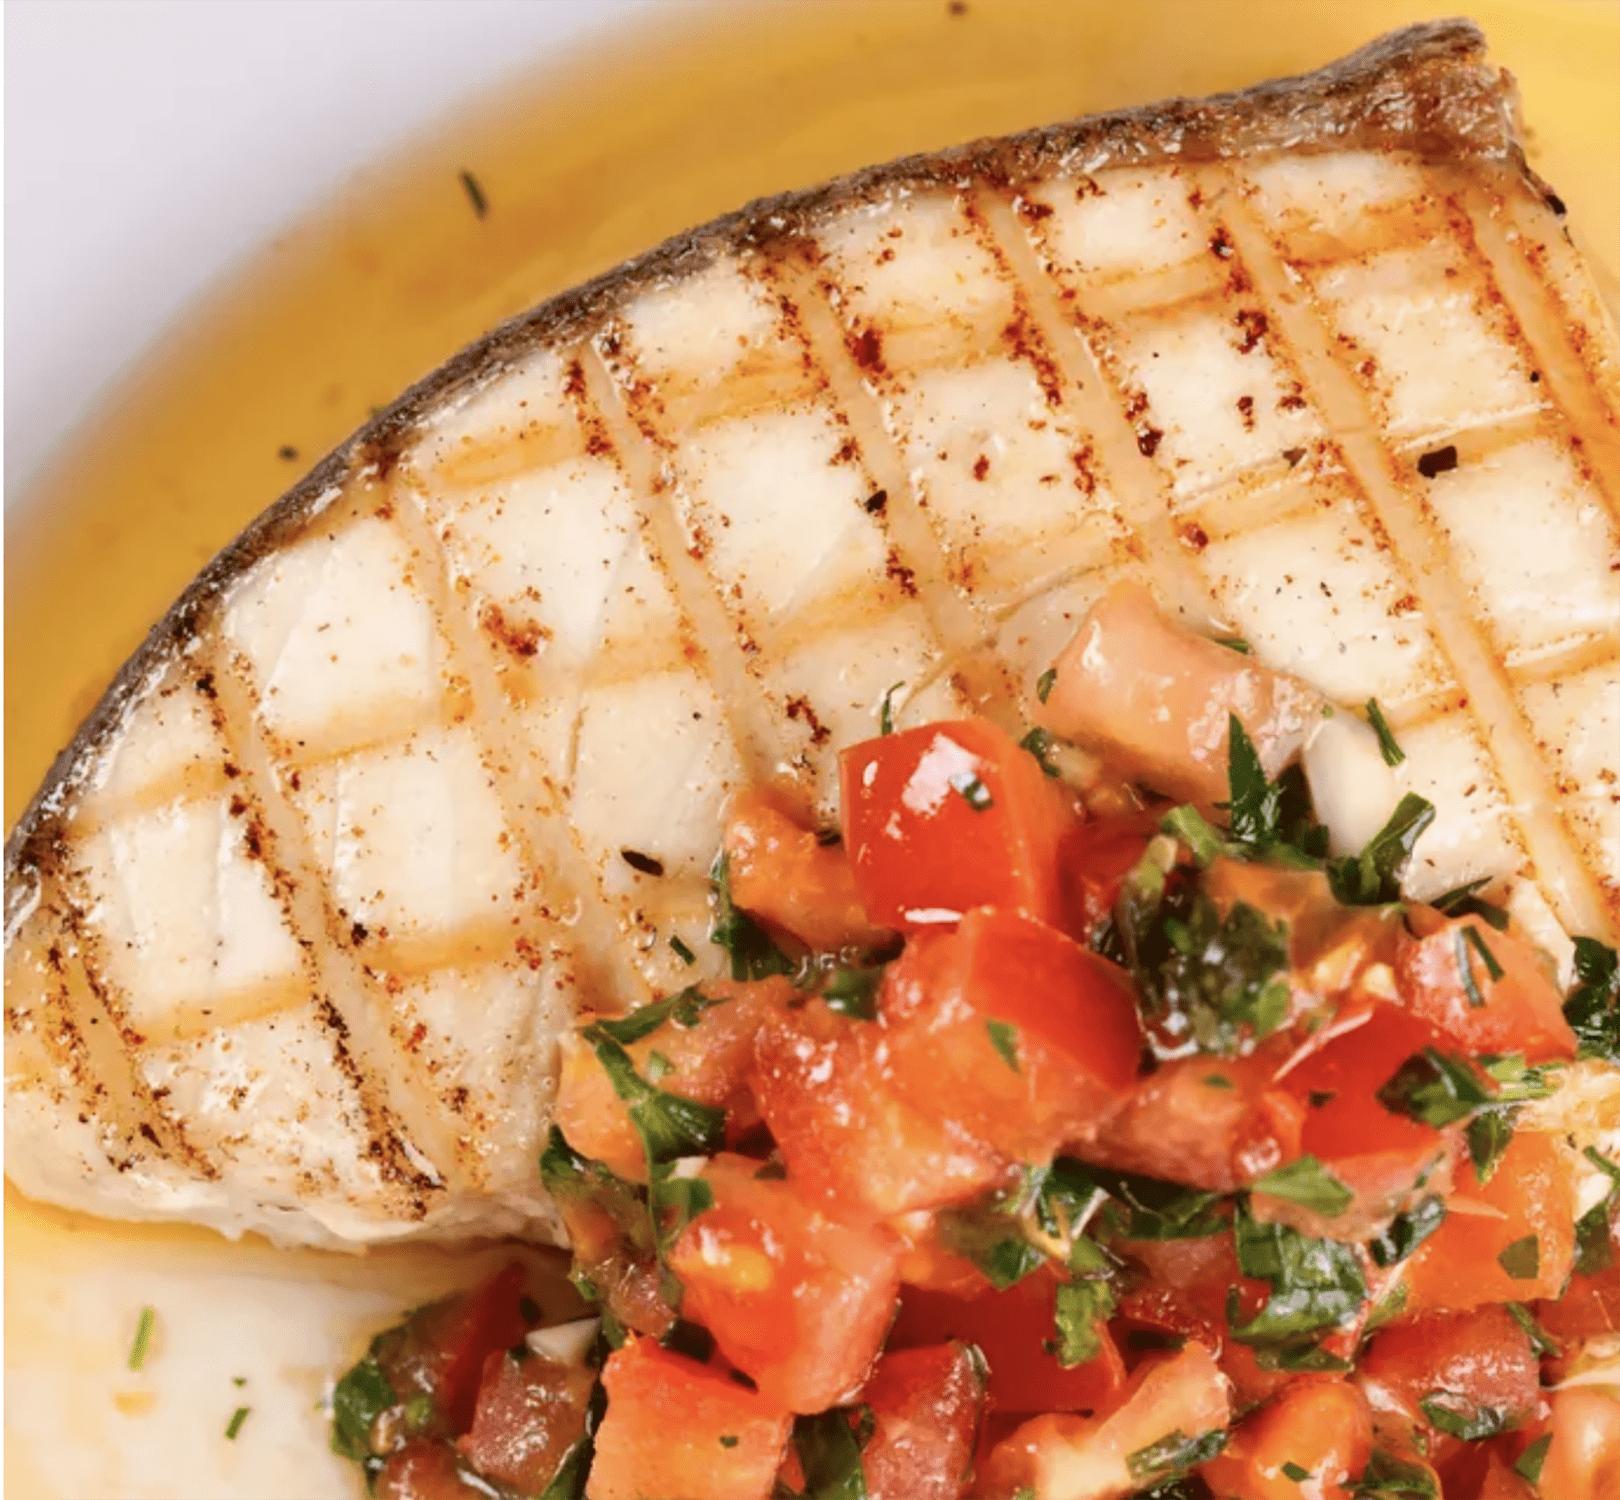 grilled halibut with lemon basil viniagrette